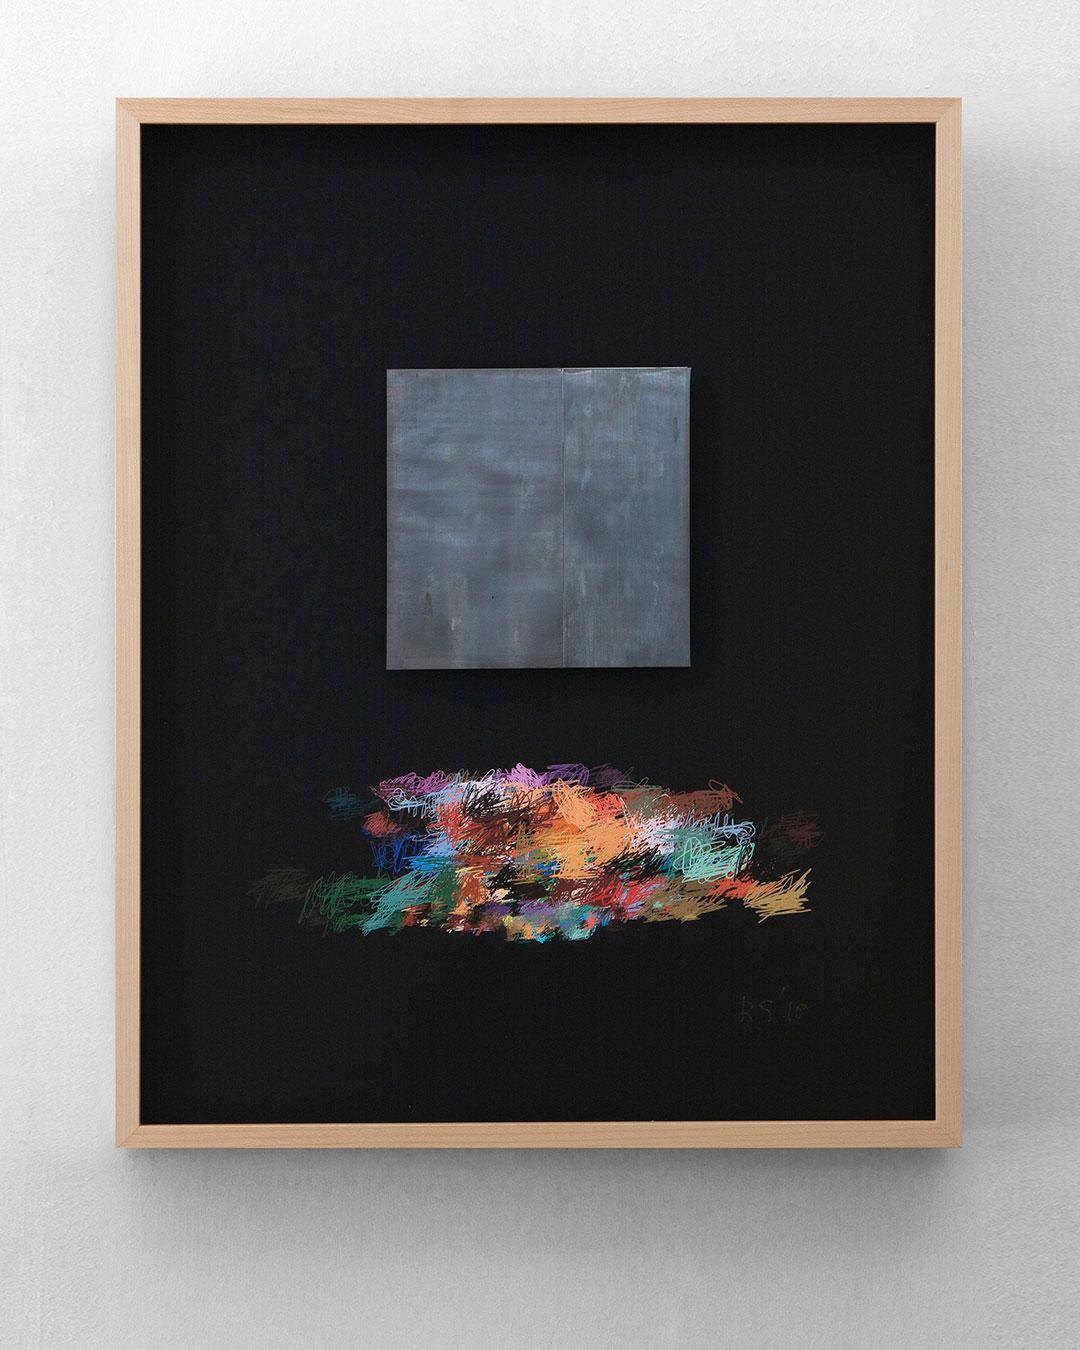 Robert Smit, Framed Sketch for Necklace, 2007-2018, sketch; ink on canvas, 400 x 500 mm, €5400